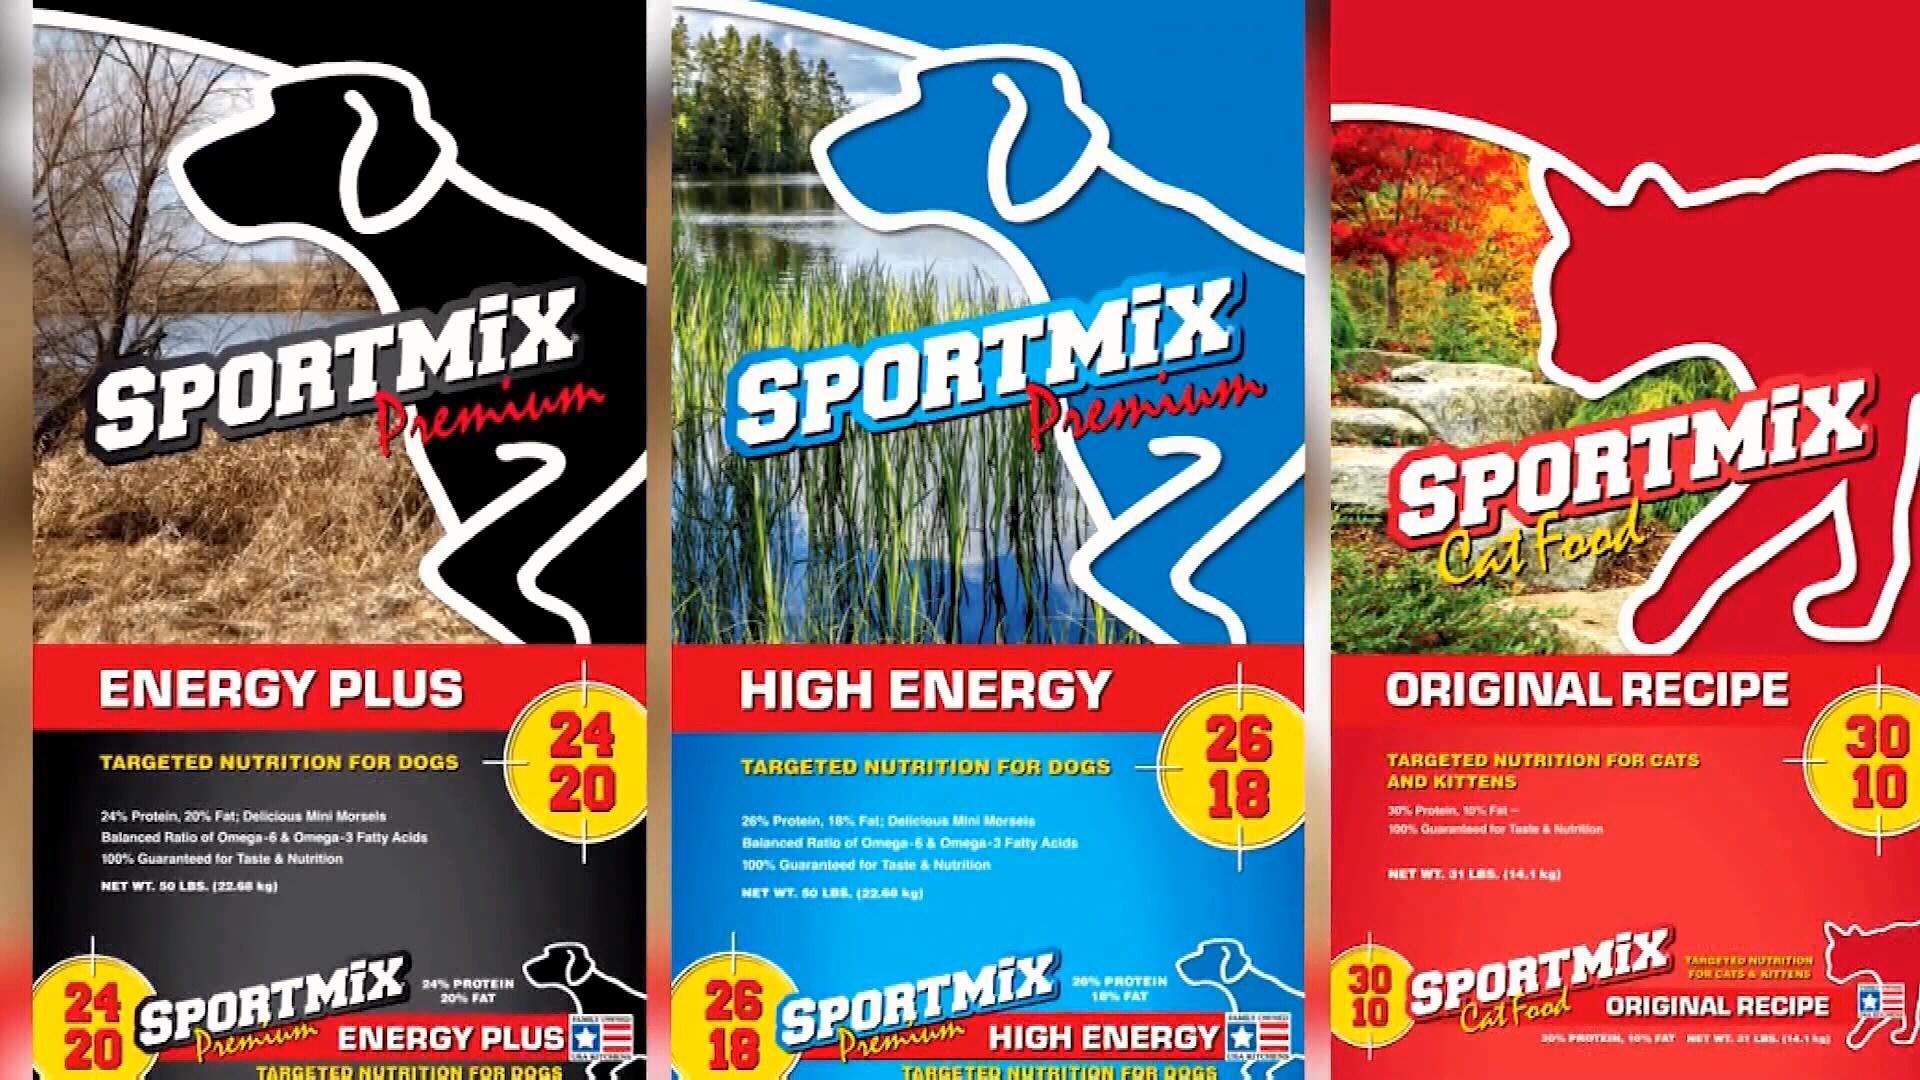 FDA的統計,截至11日Sportmix品牌產品至少導致70隻狗死亡、80頭中毒。    資料圖片